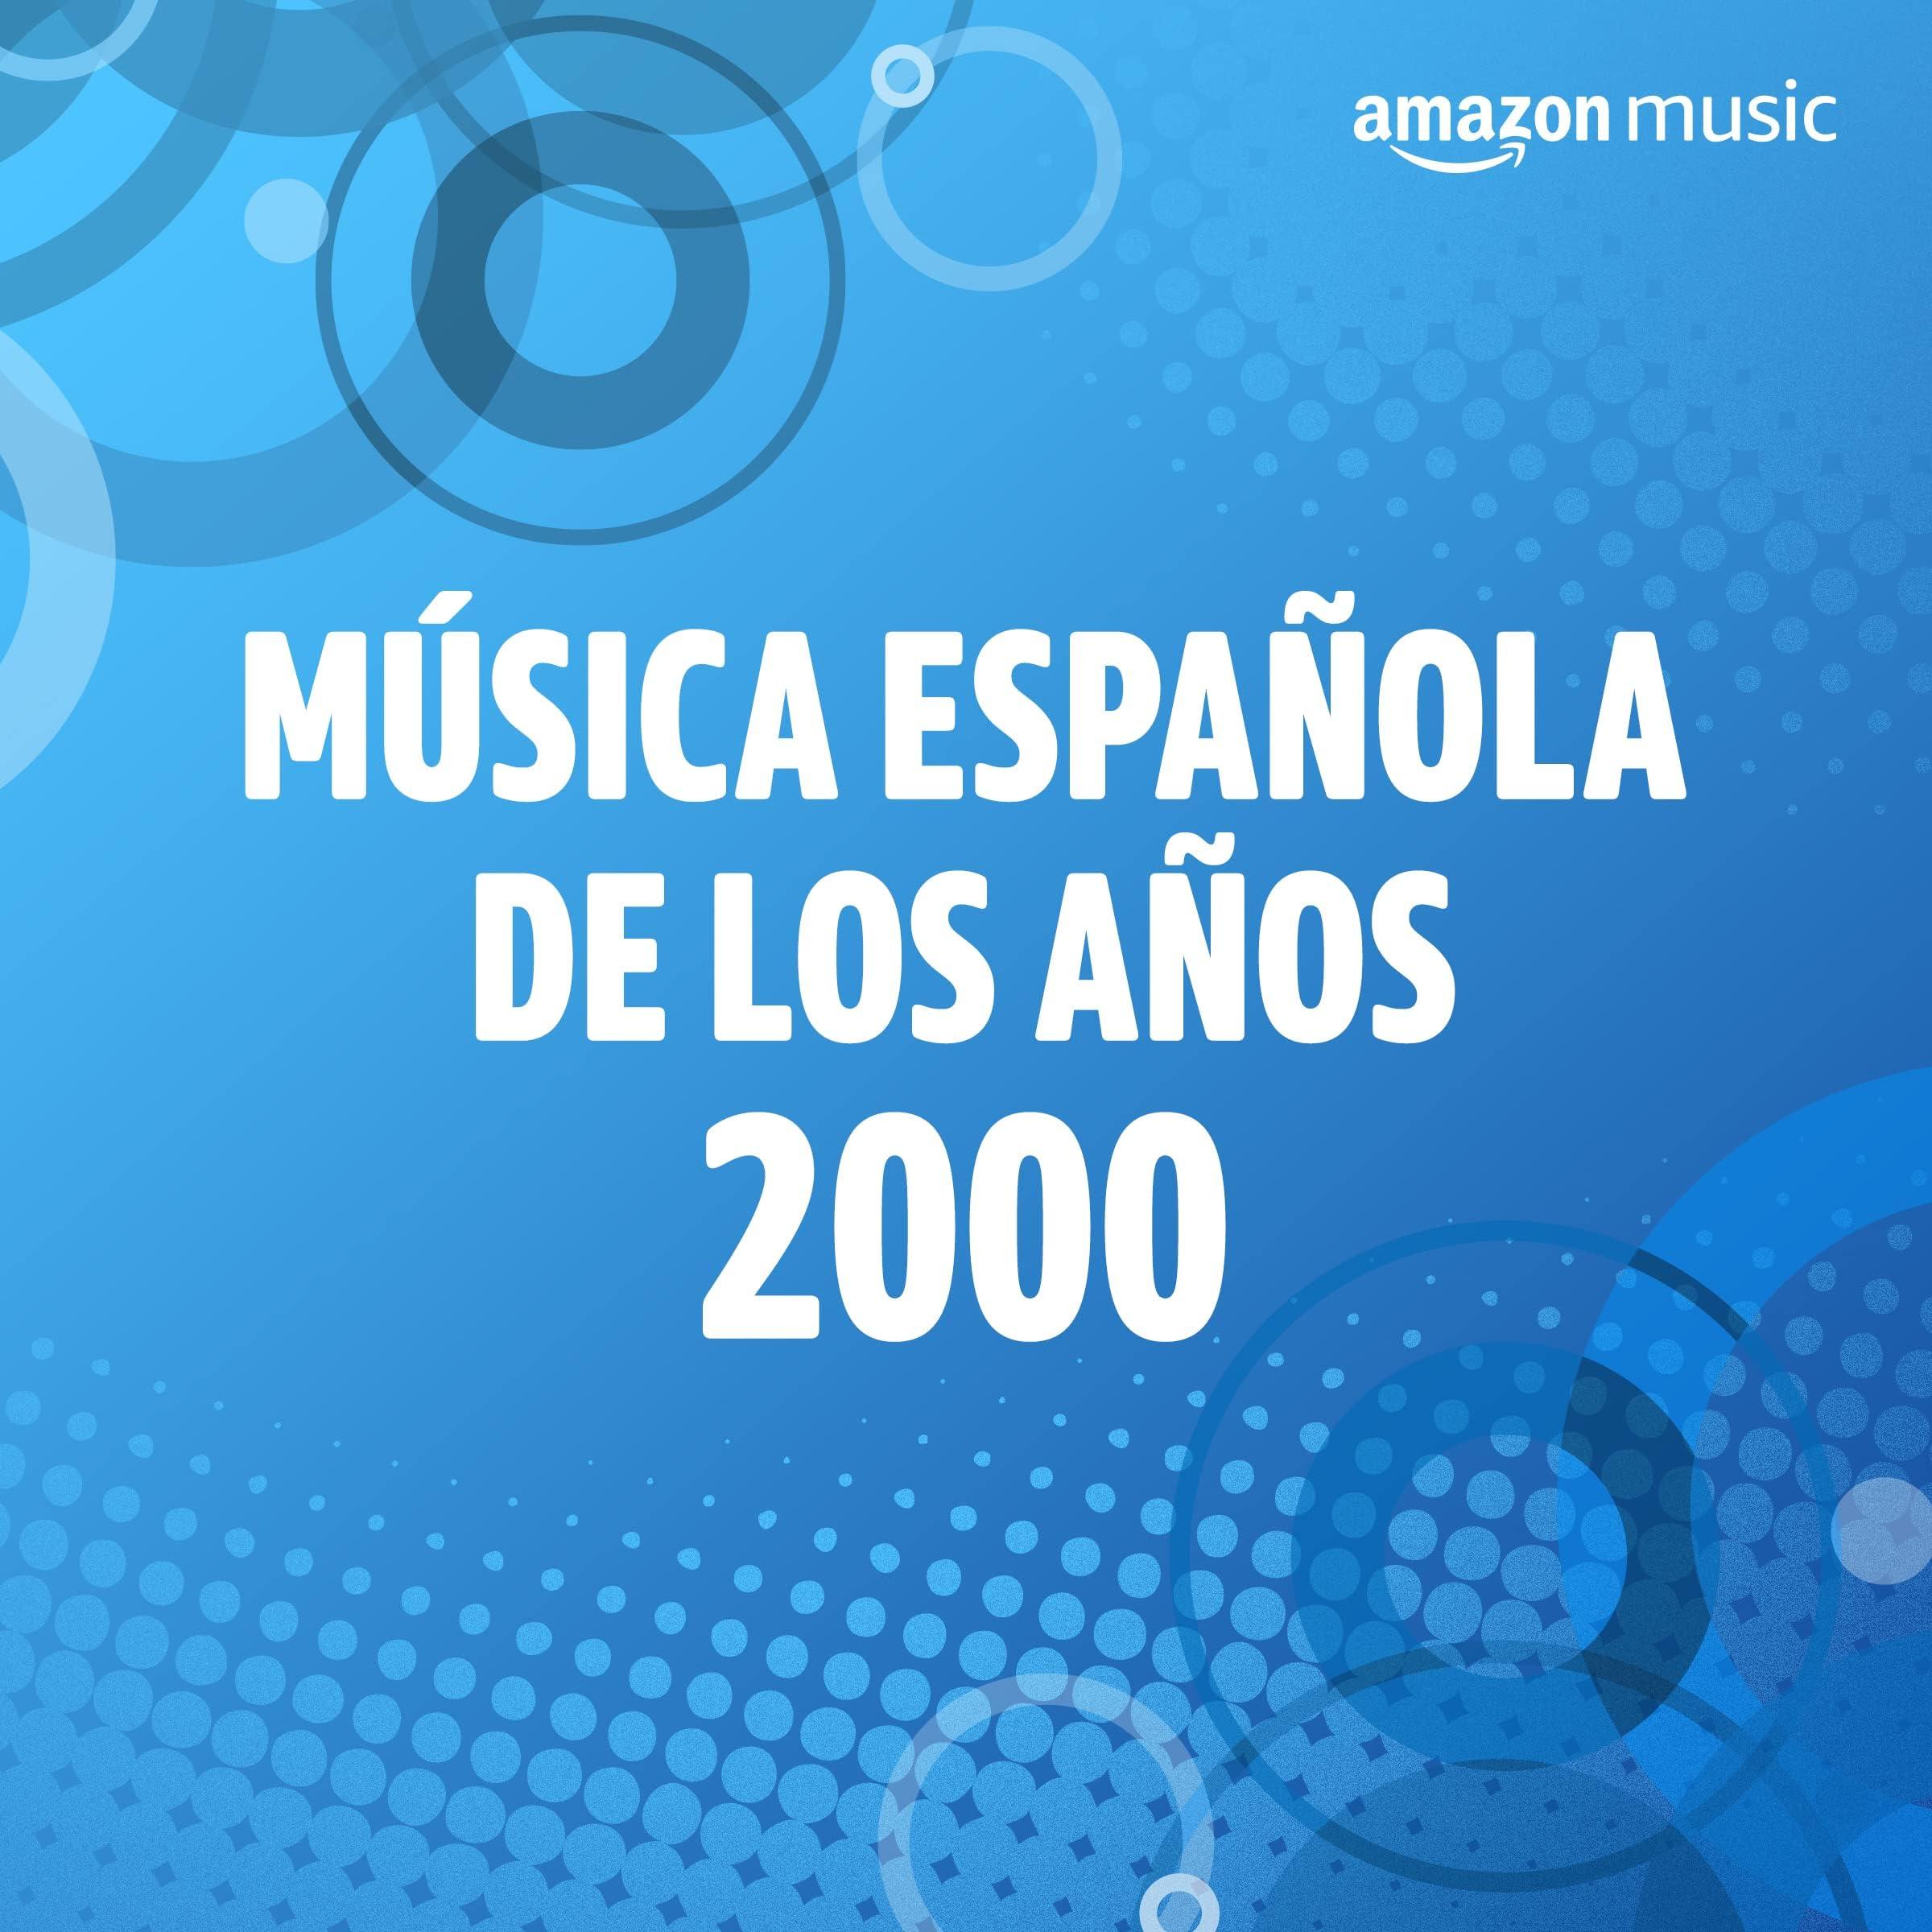 Música española de los años 2000